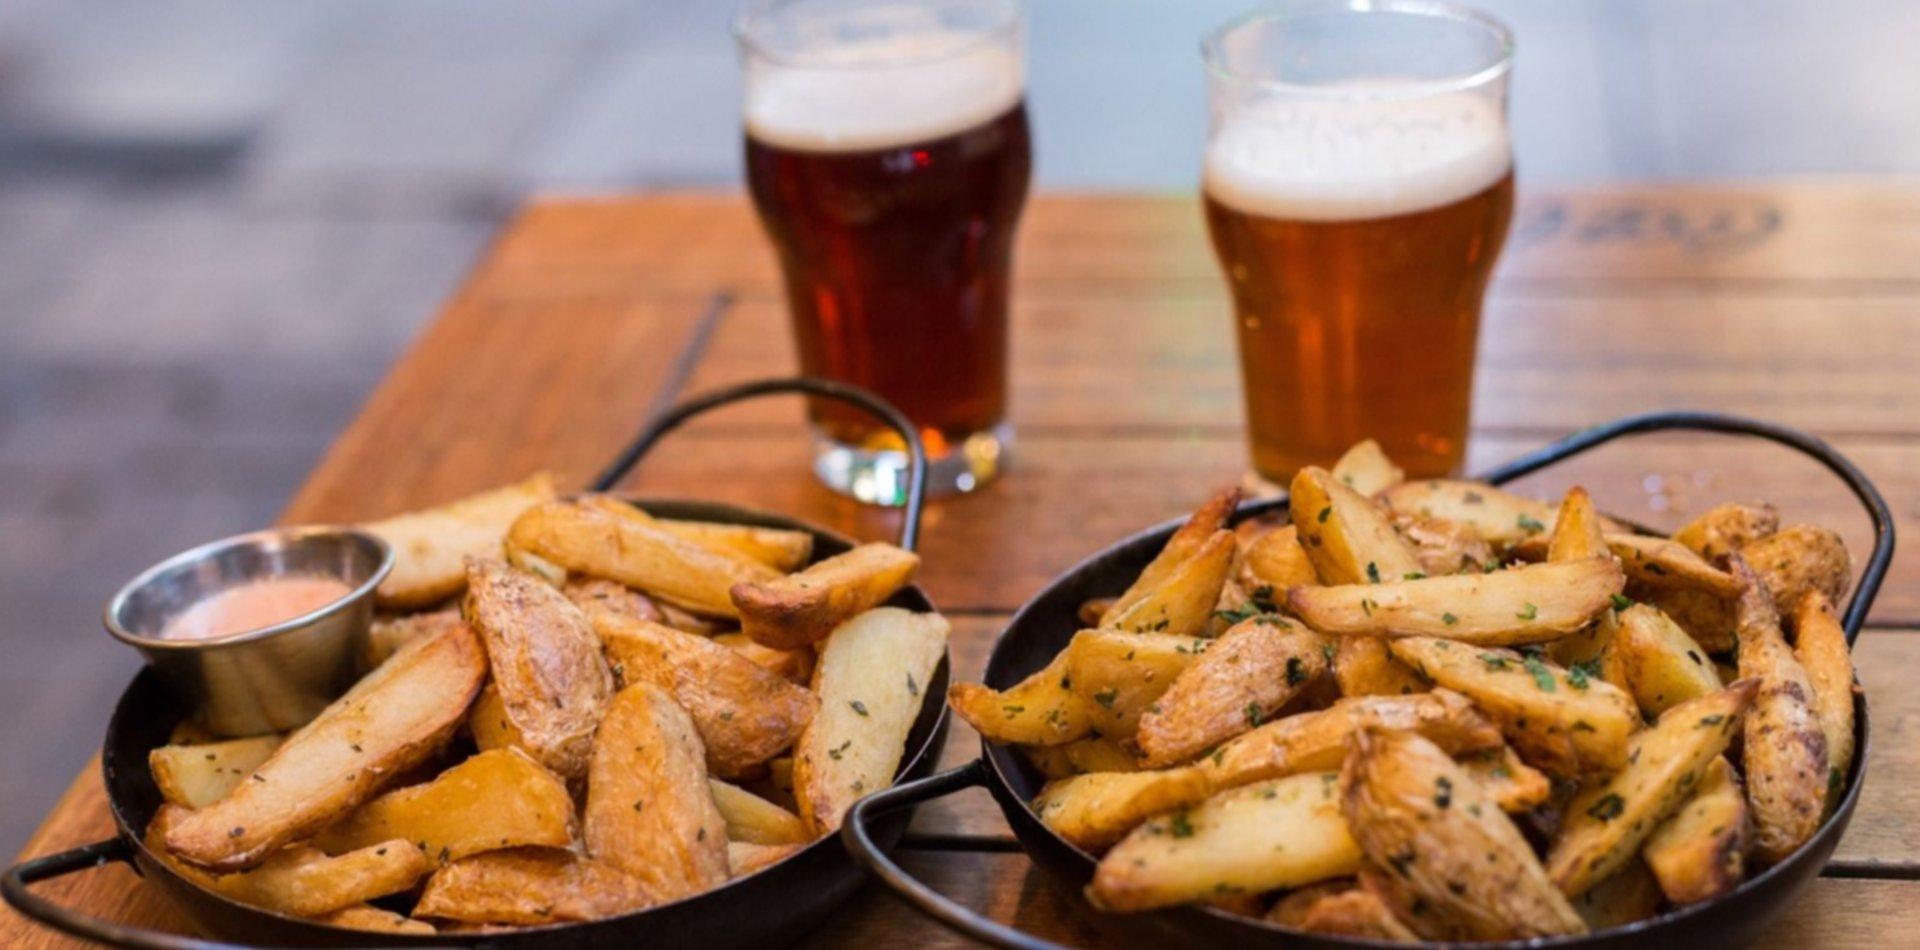 Una cervecería de La Plata ofrece papas gratis para los vacunados contra el COVID